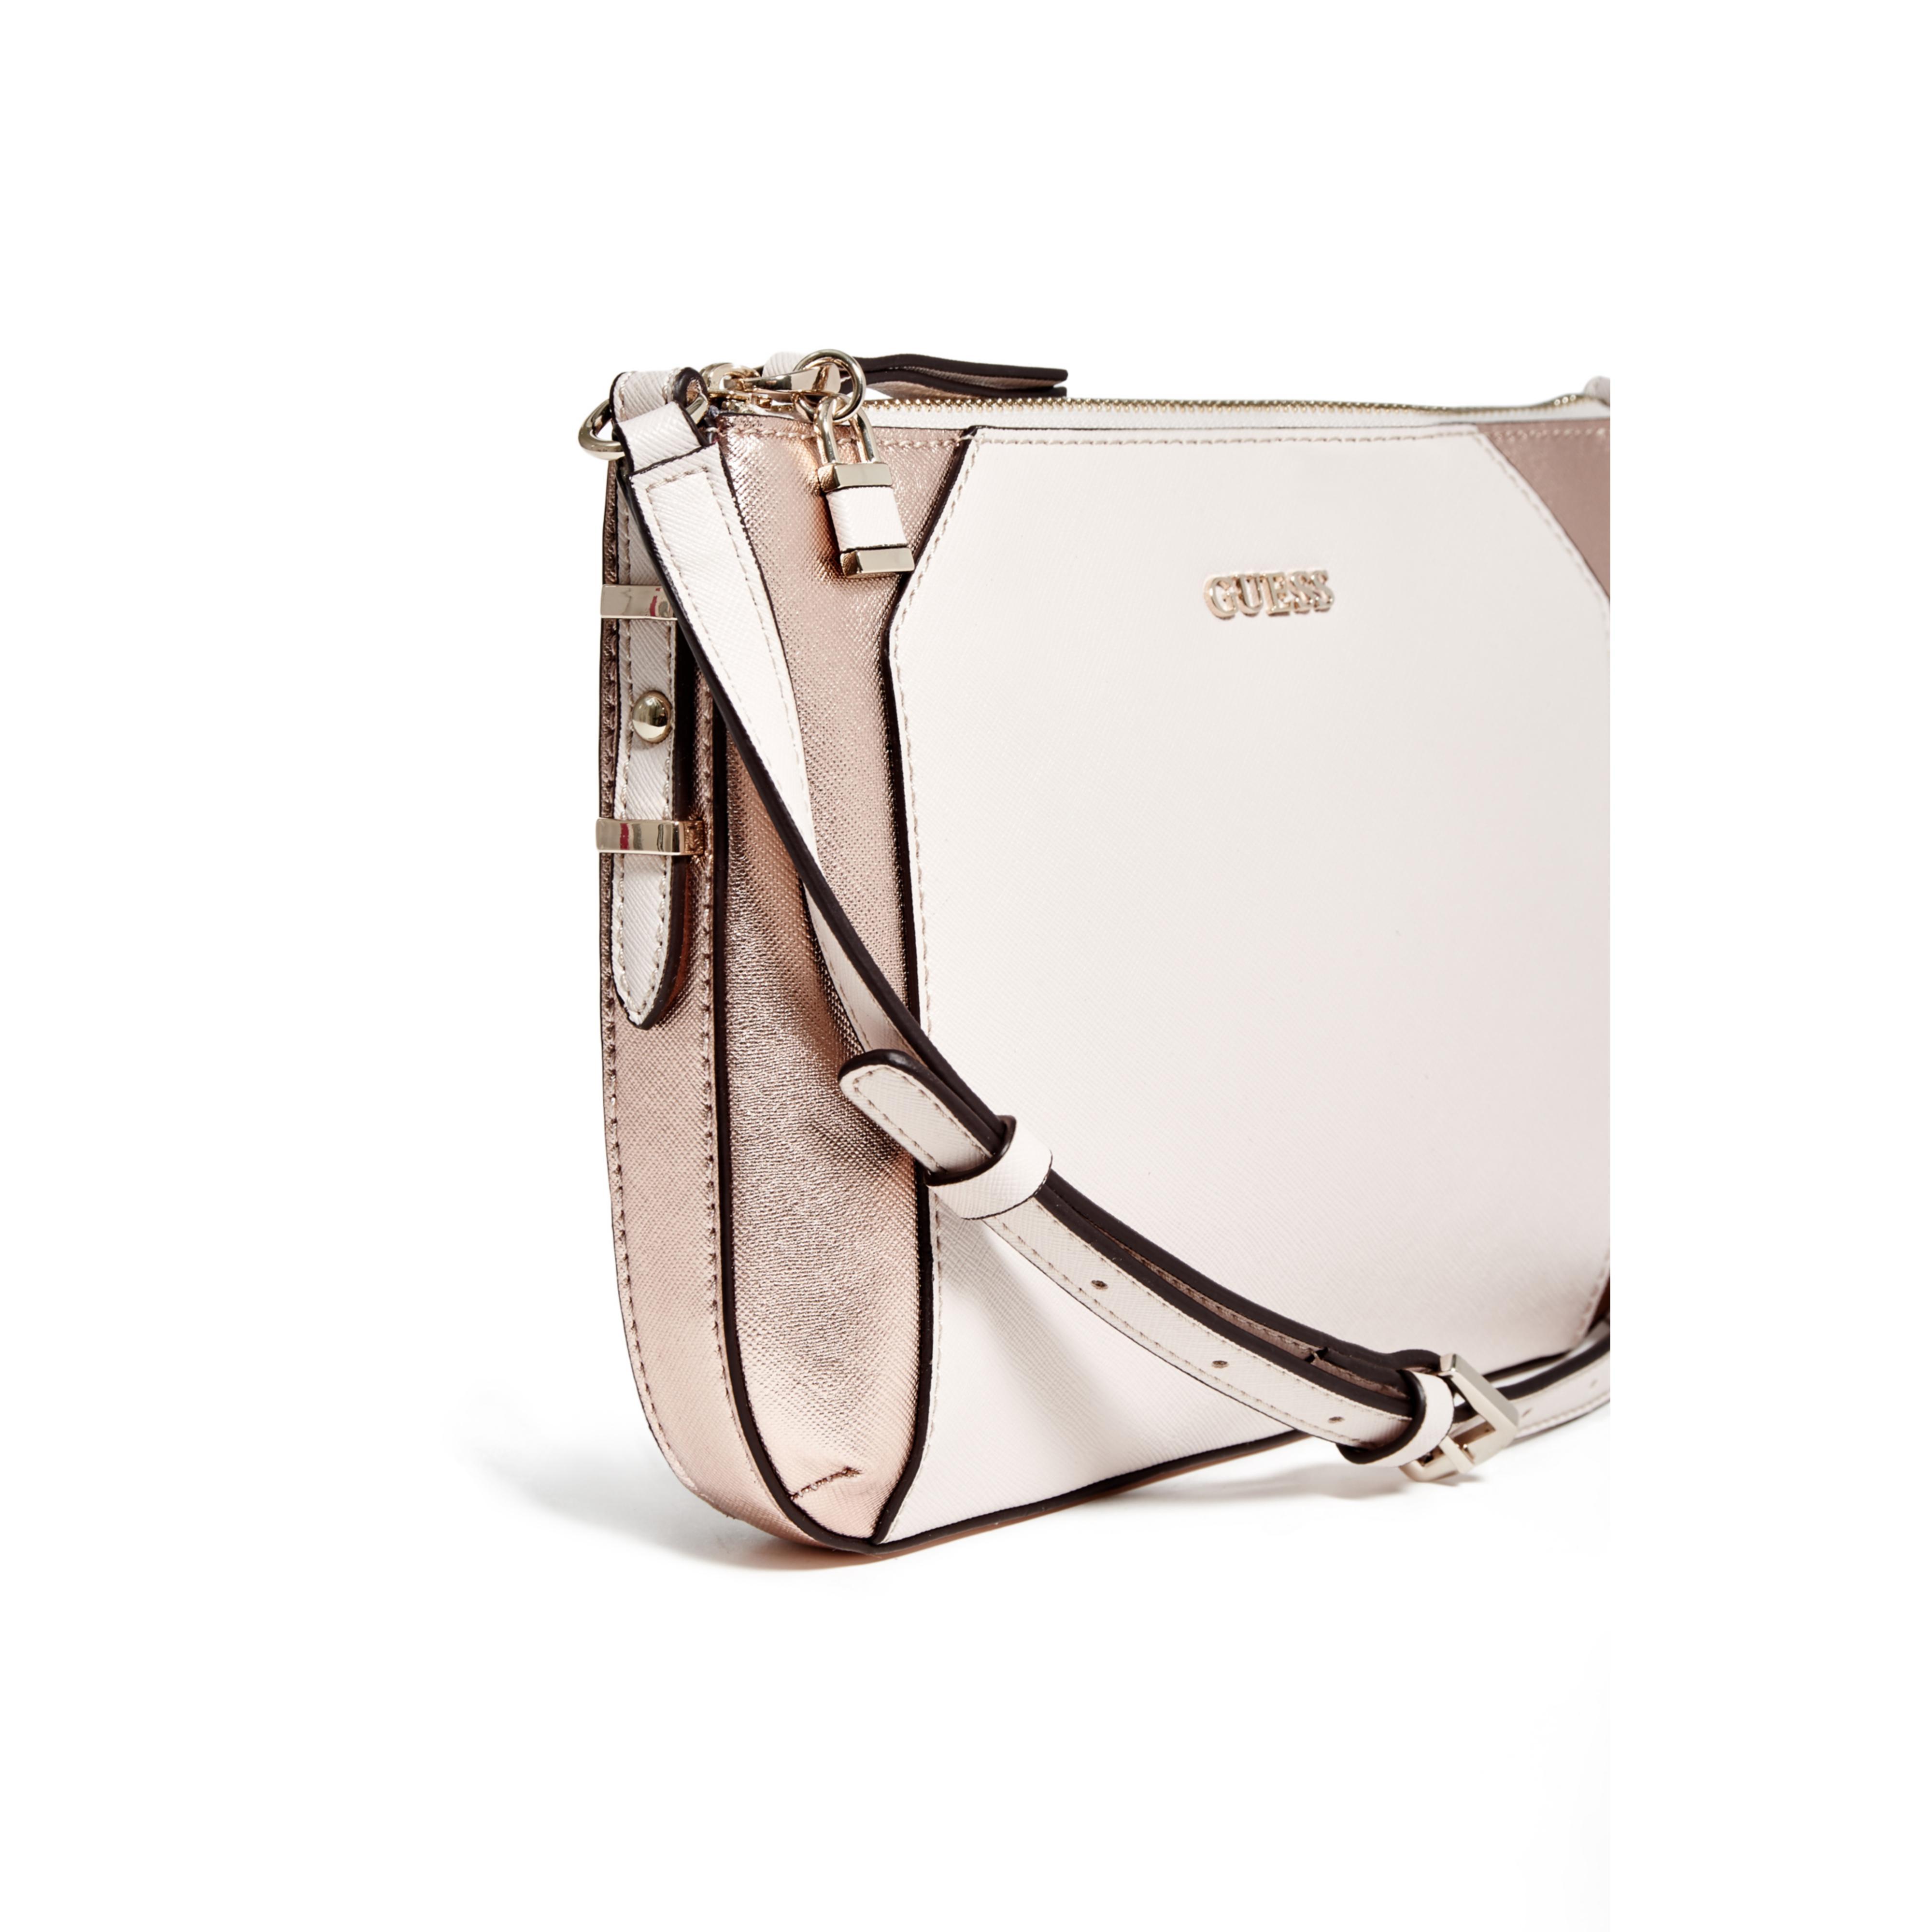 Elizabeth Bags Lusyani Tote Black Daftar Harga Terlengkap Bag Madeline Putih Kate Spade Quilted Leather Nwt 39800 Source Gallery